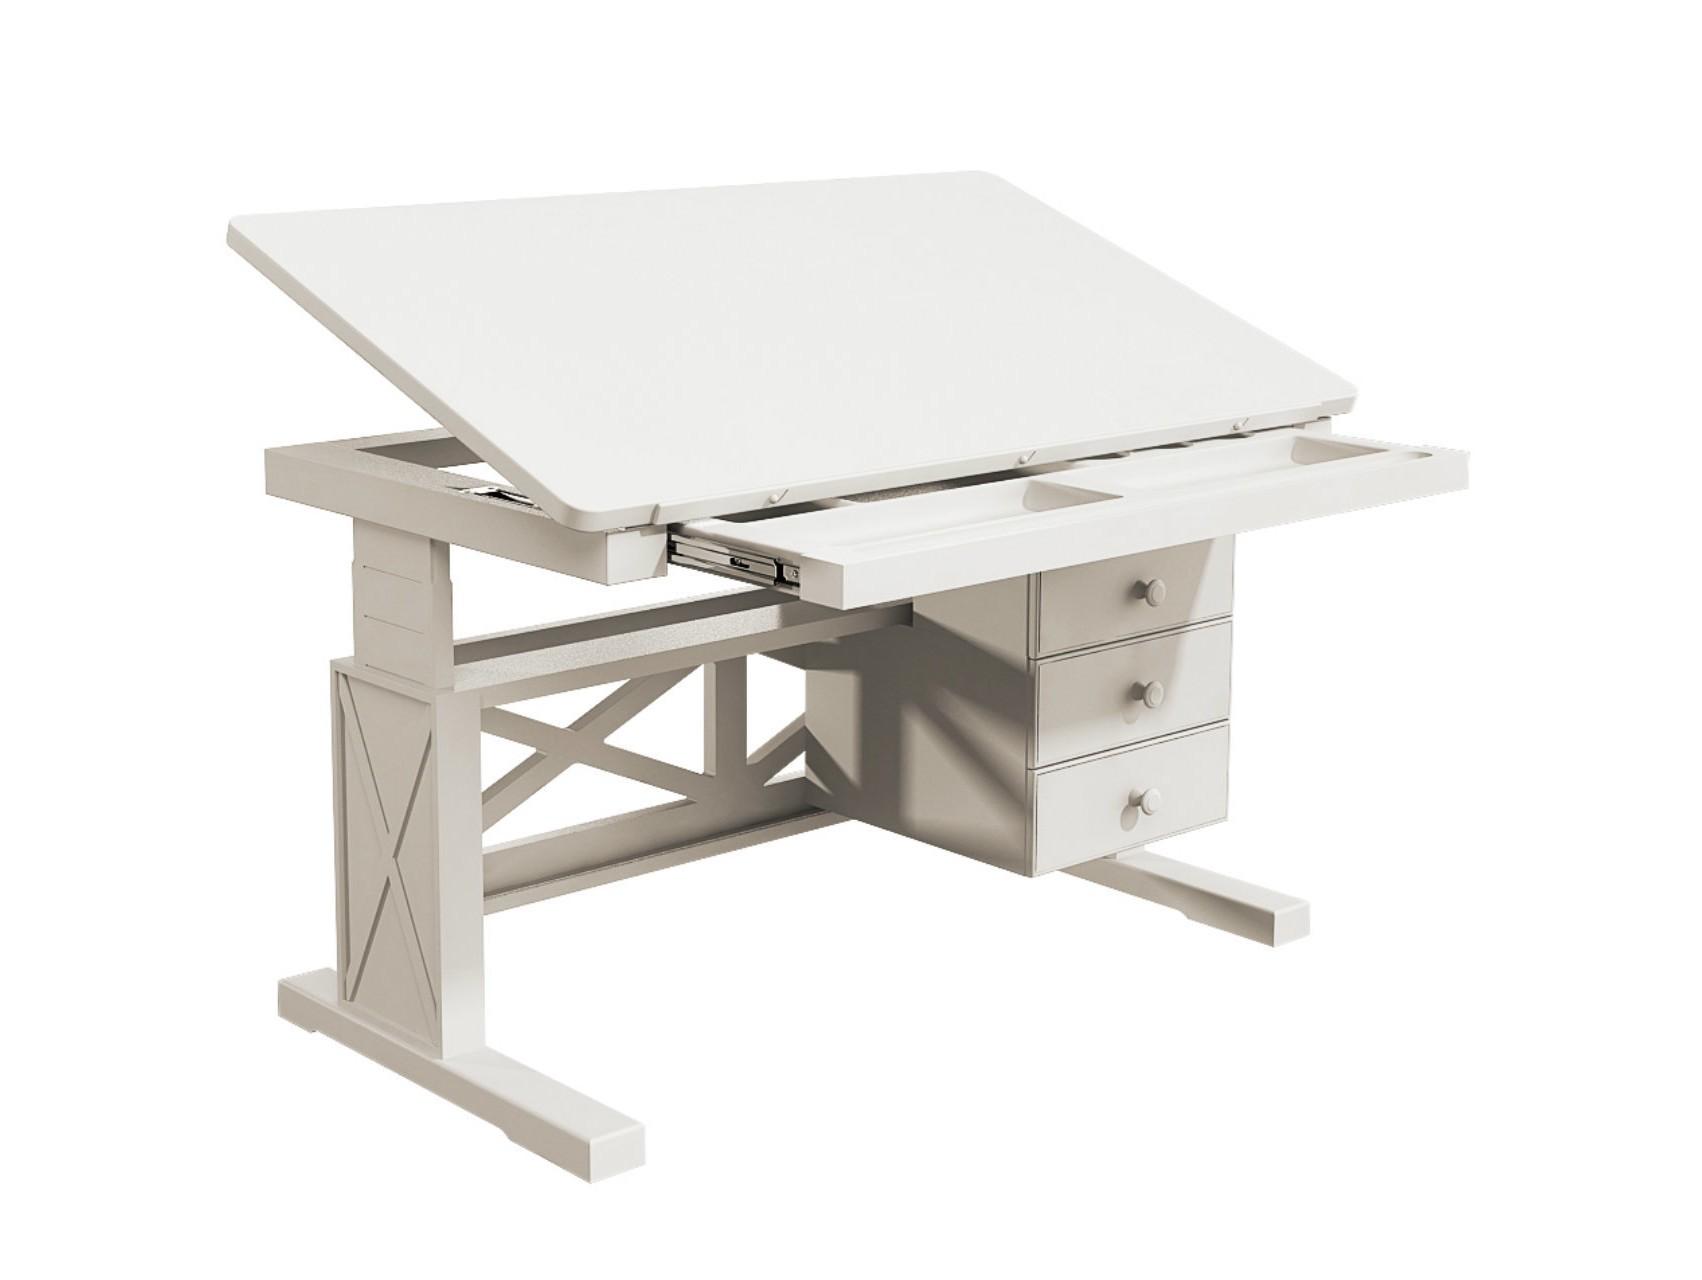 Стол письменный «Океан»Детские письменные столики<br>Стол письменный регулируемый, 3 выдвижных боковых ящика, 1 выдвижной центральный ящик.&amp;nbsp;Регулируется наклон столешницы и высота стола.Материал: бук, мдф<br><br>kit: None<br>gender: None